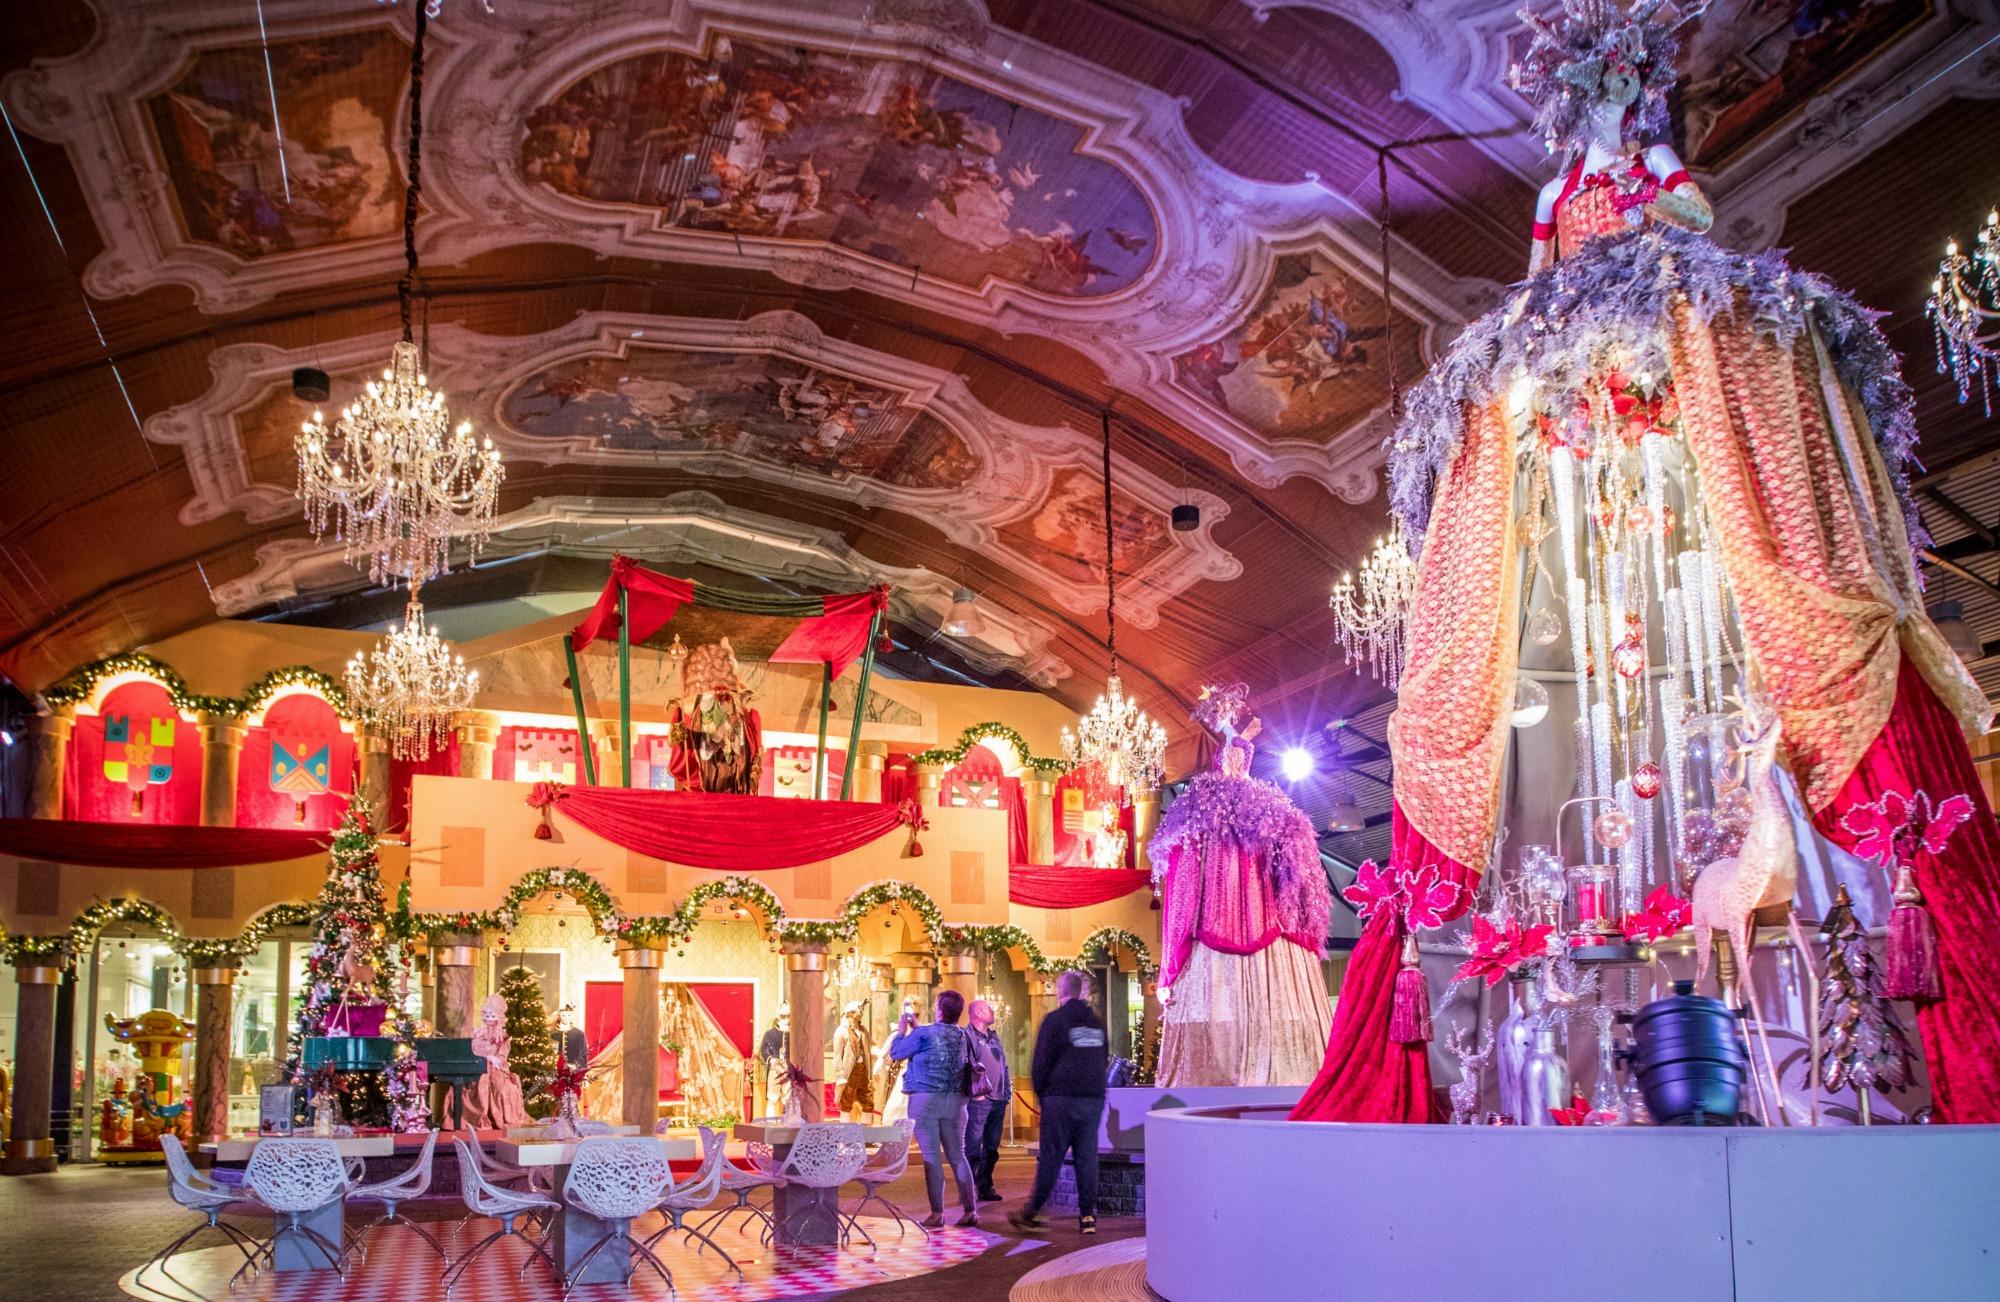 kerst 2018 intratuin Kerstshow Intratuin Halsteren 2017: een koninklijk tintje  kerst 2018 intratuin